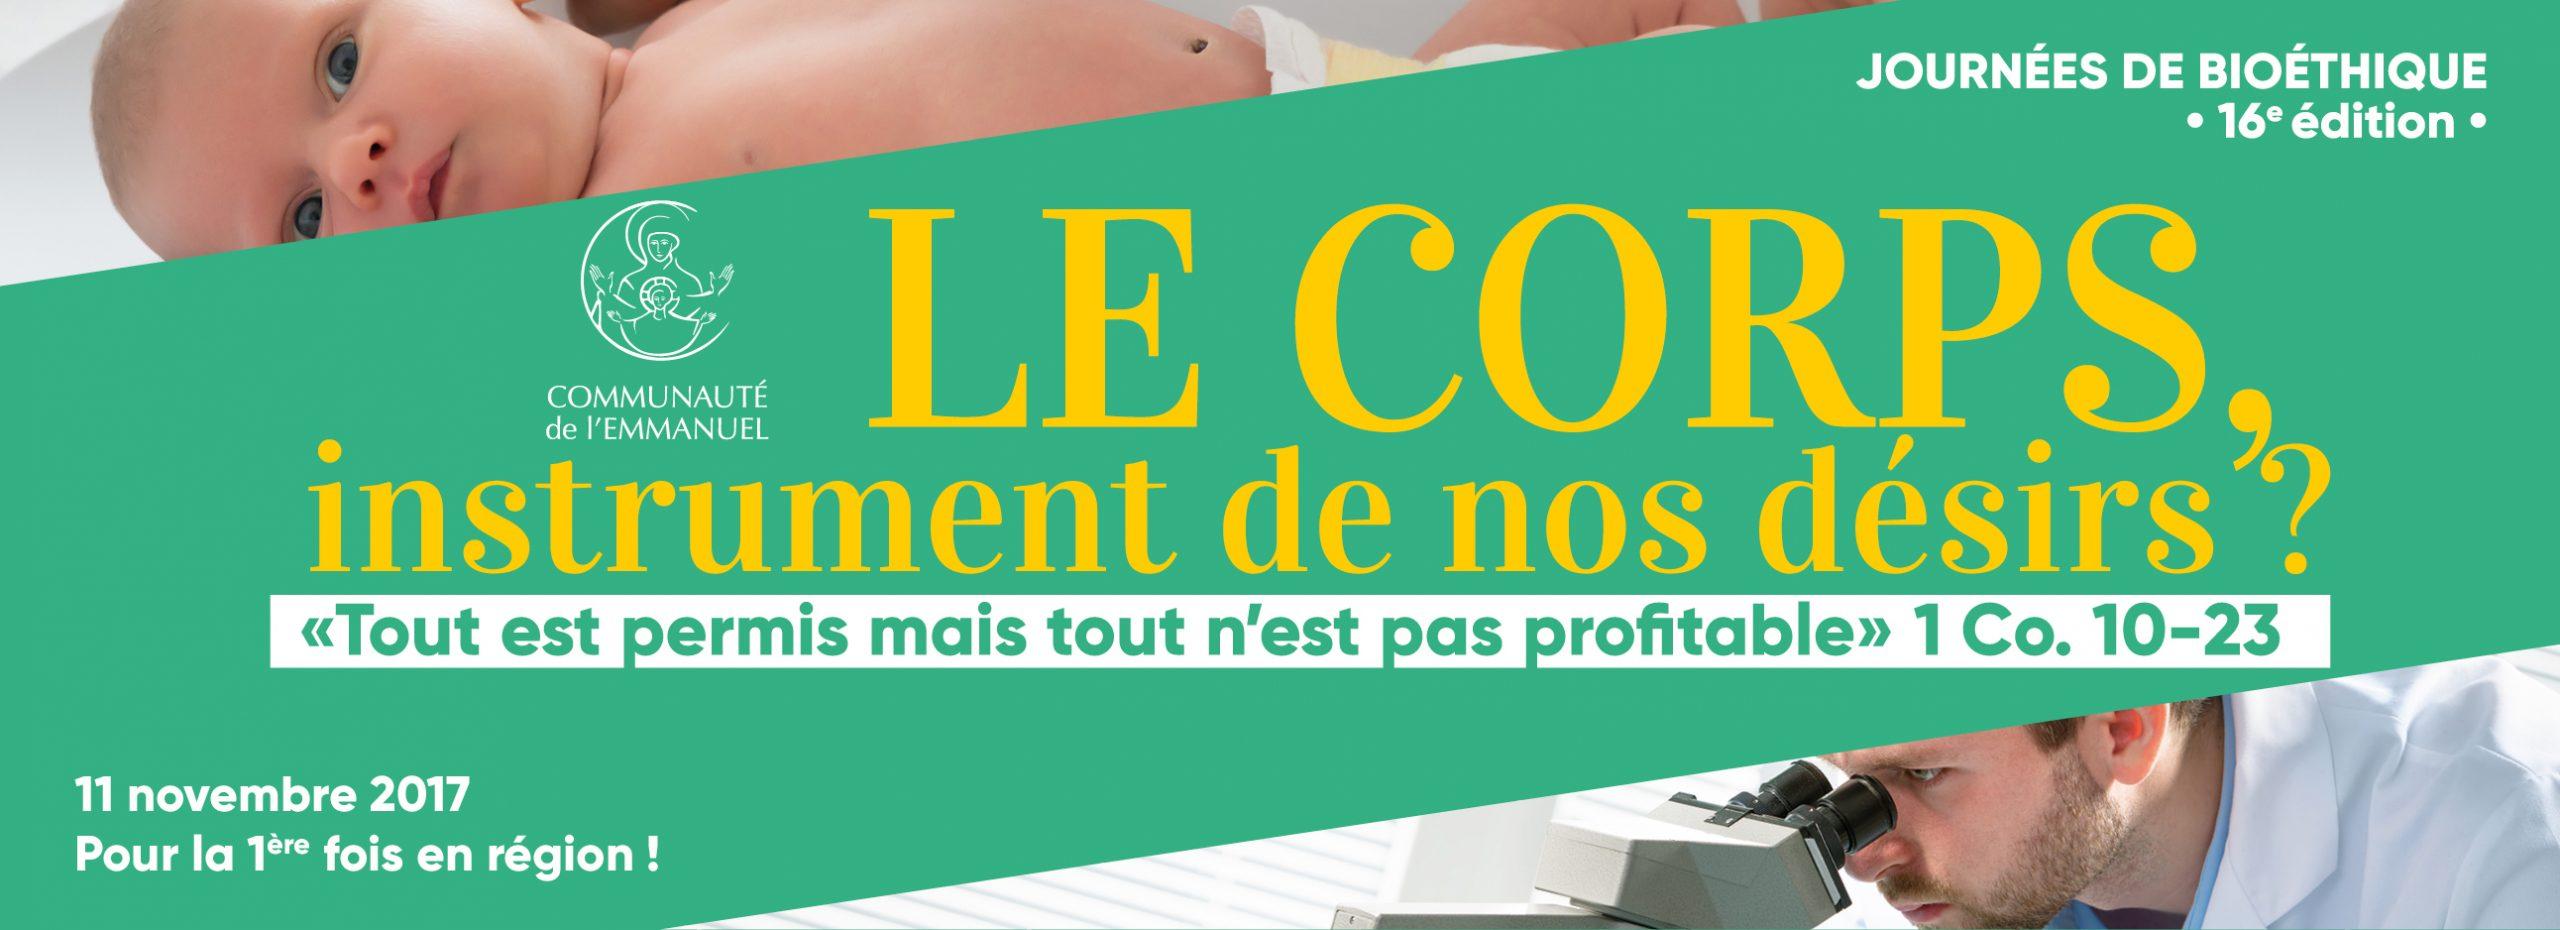 Journées de bioéthique à Angers (49) le 11 novembre